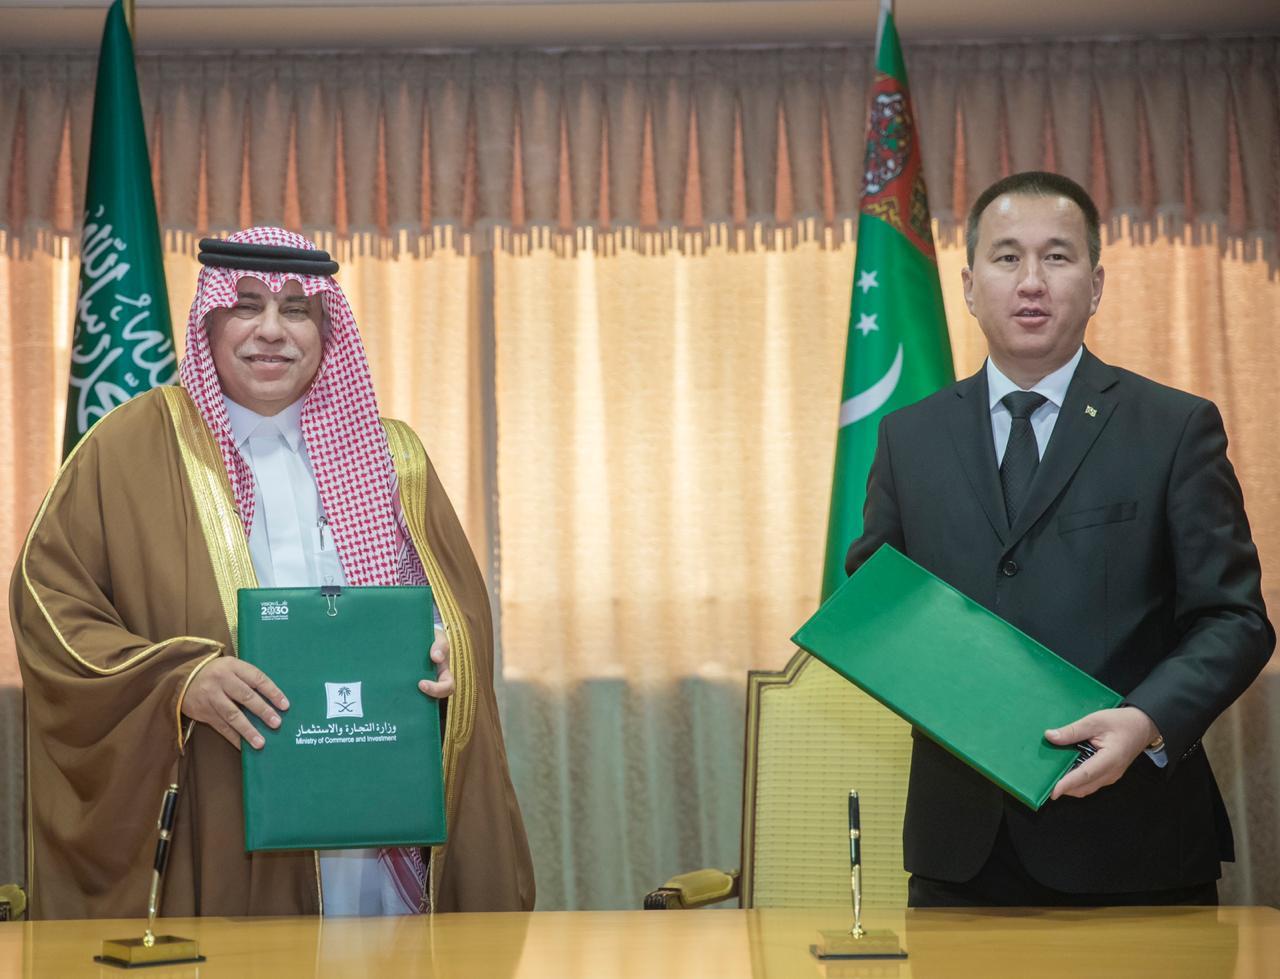 اتفاق بين المملكة وتركمانستان لبحث إقامة المشروعات و الفرص الاستثمارية